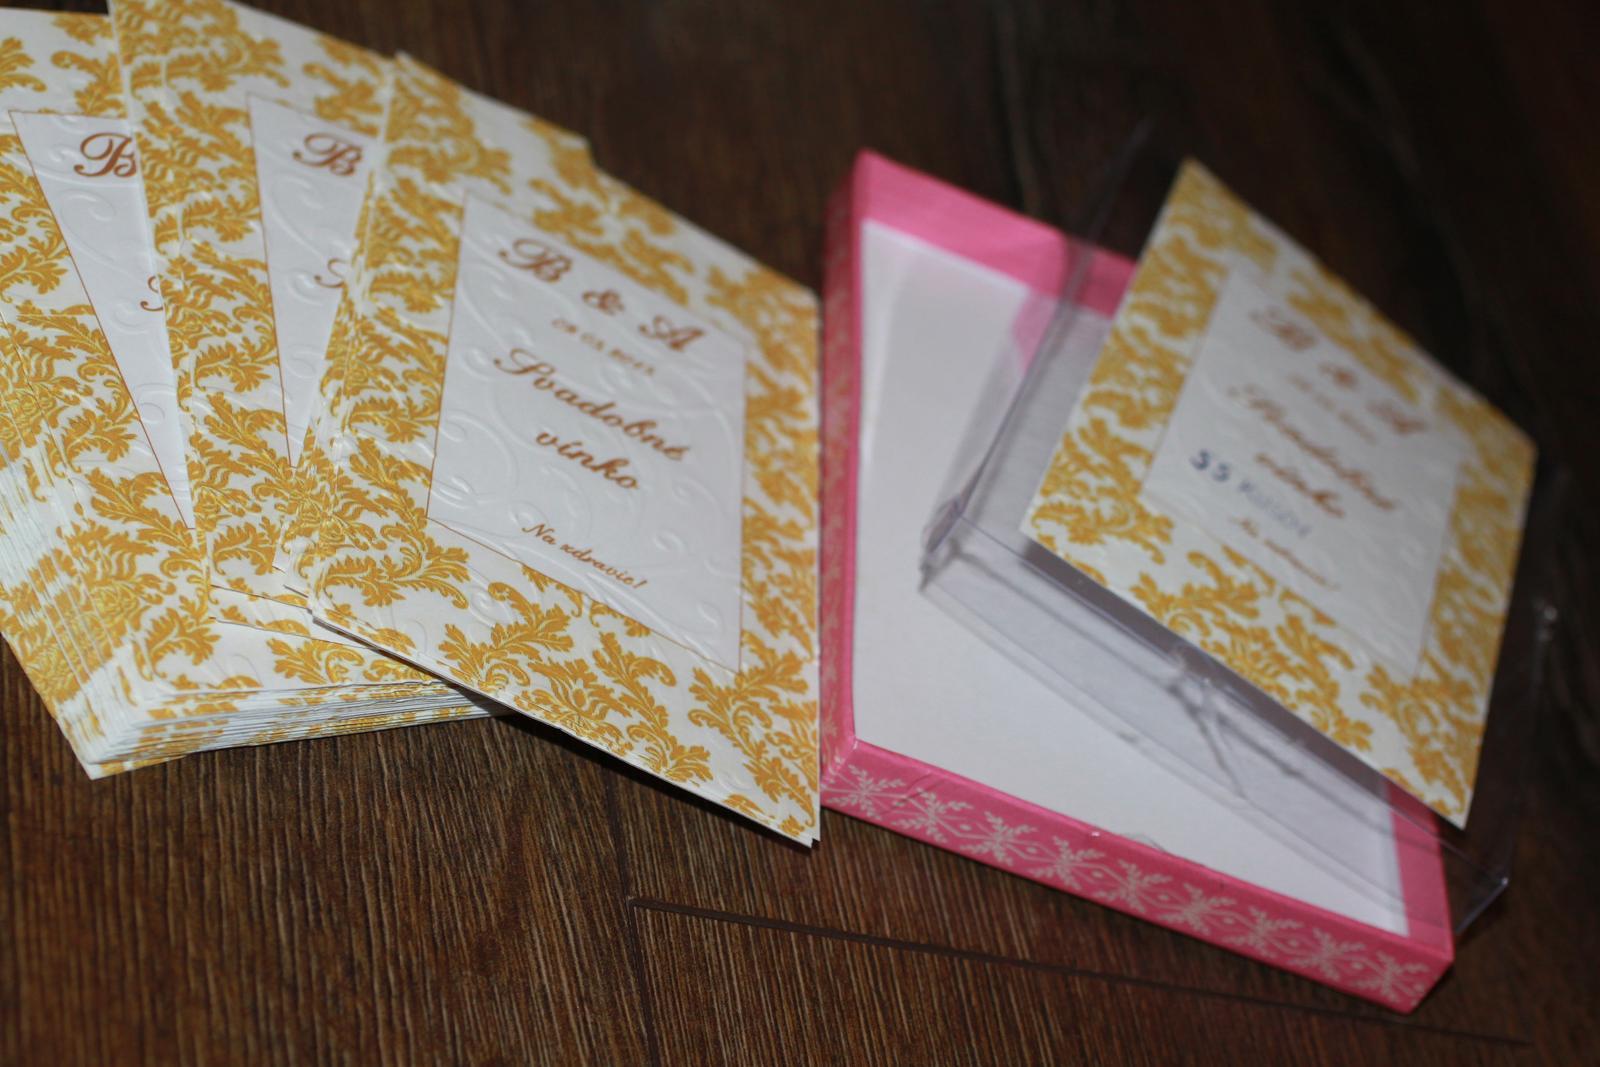 Naše prvé svadobné návrhy a prípravy - Juj... a nálepky na vínko už sme dokončili tiež :) Vytlačili a poembosovali, nech to je 3D :)